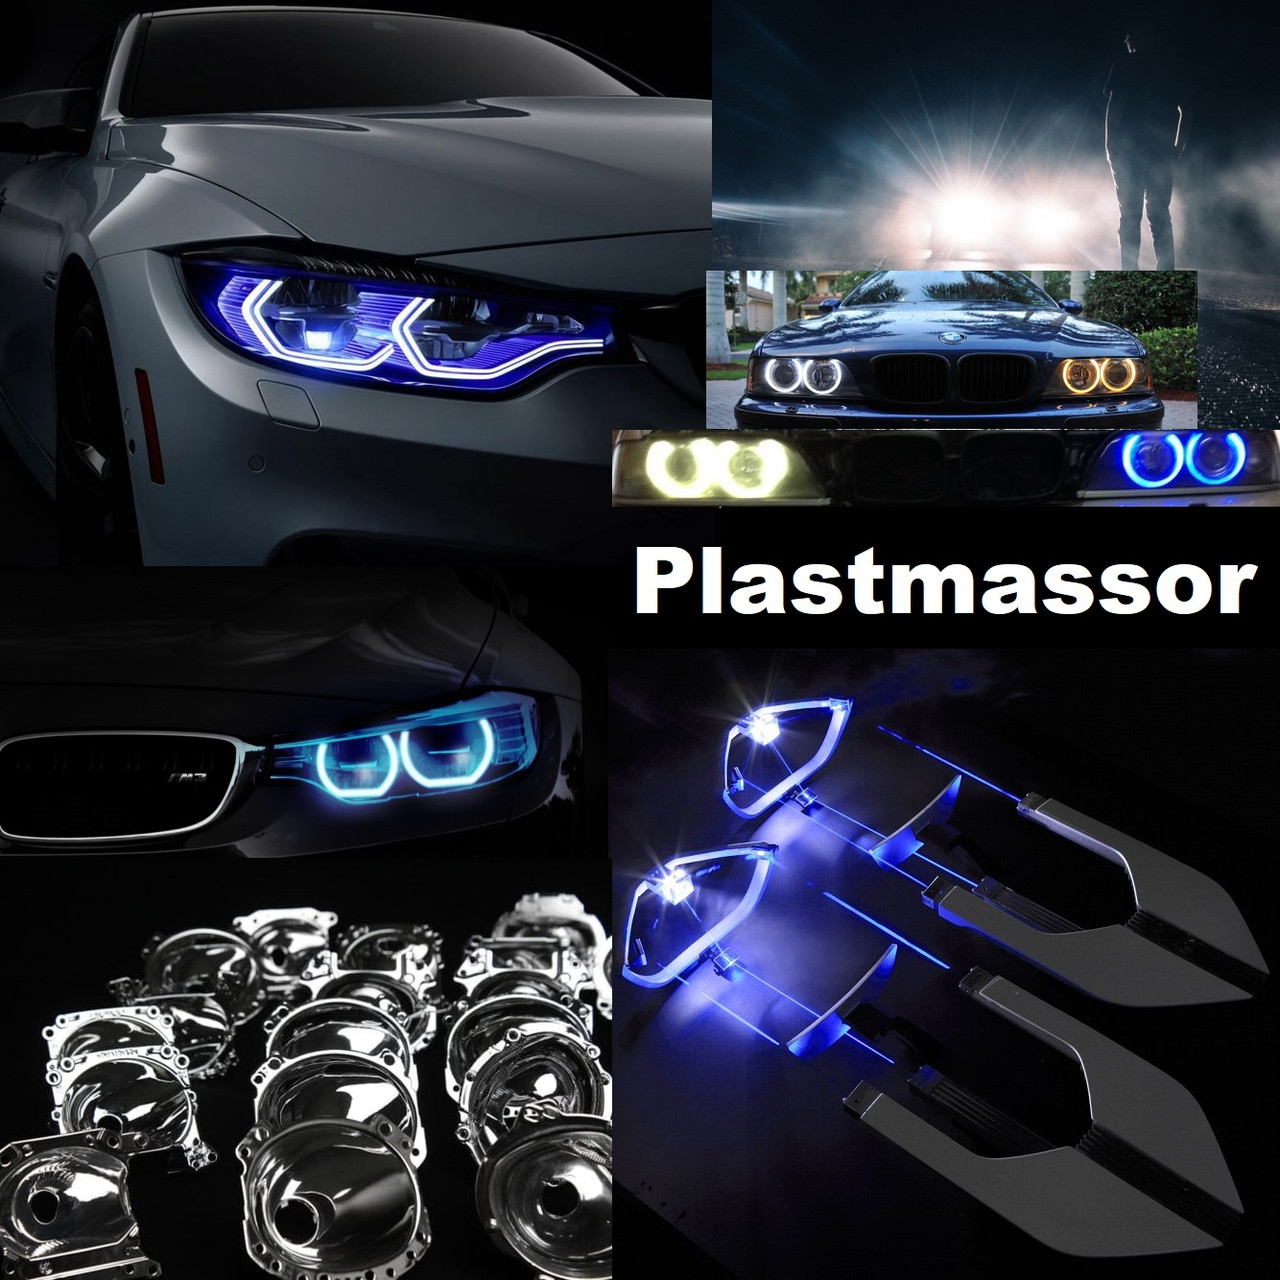 Ремонт Plastmassor вакуумная металлизация восстановление отражателей фар Piaggio